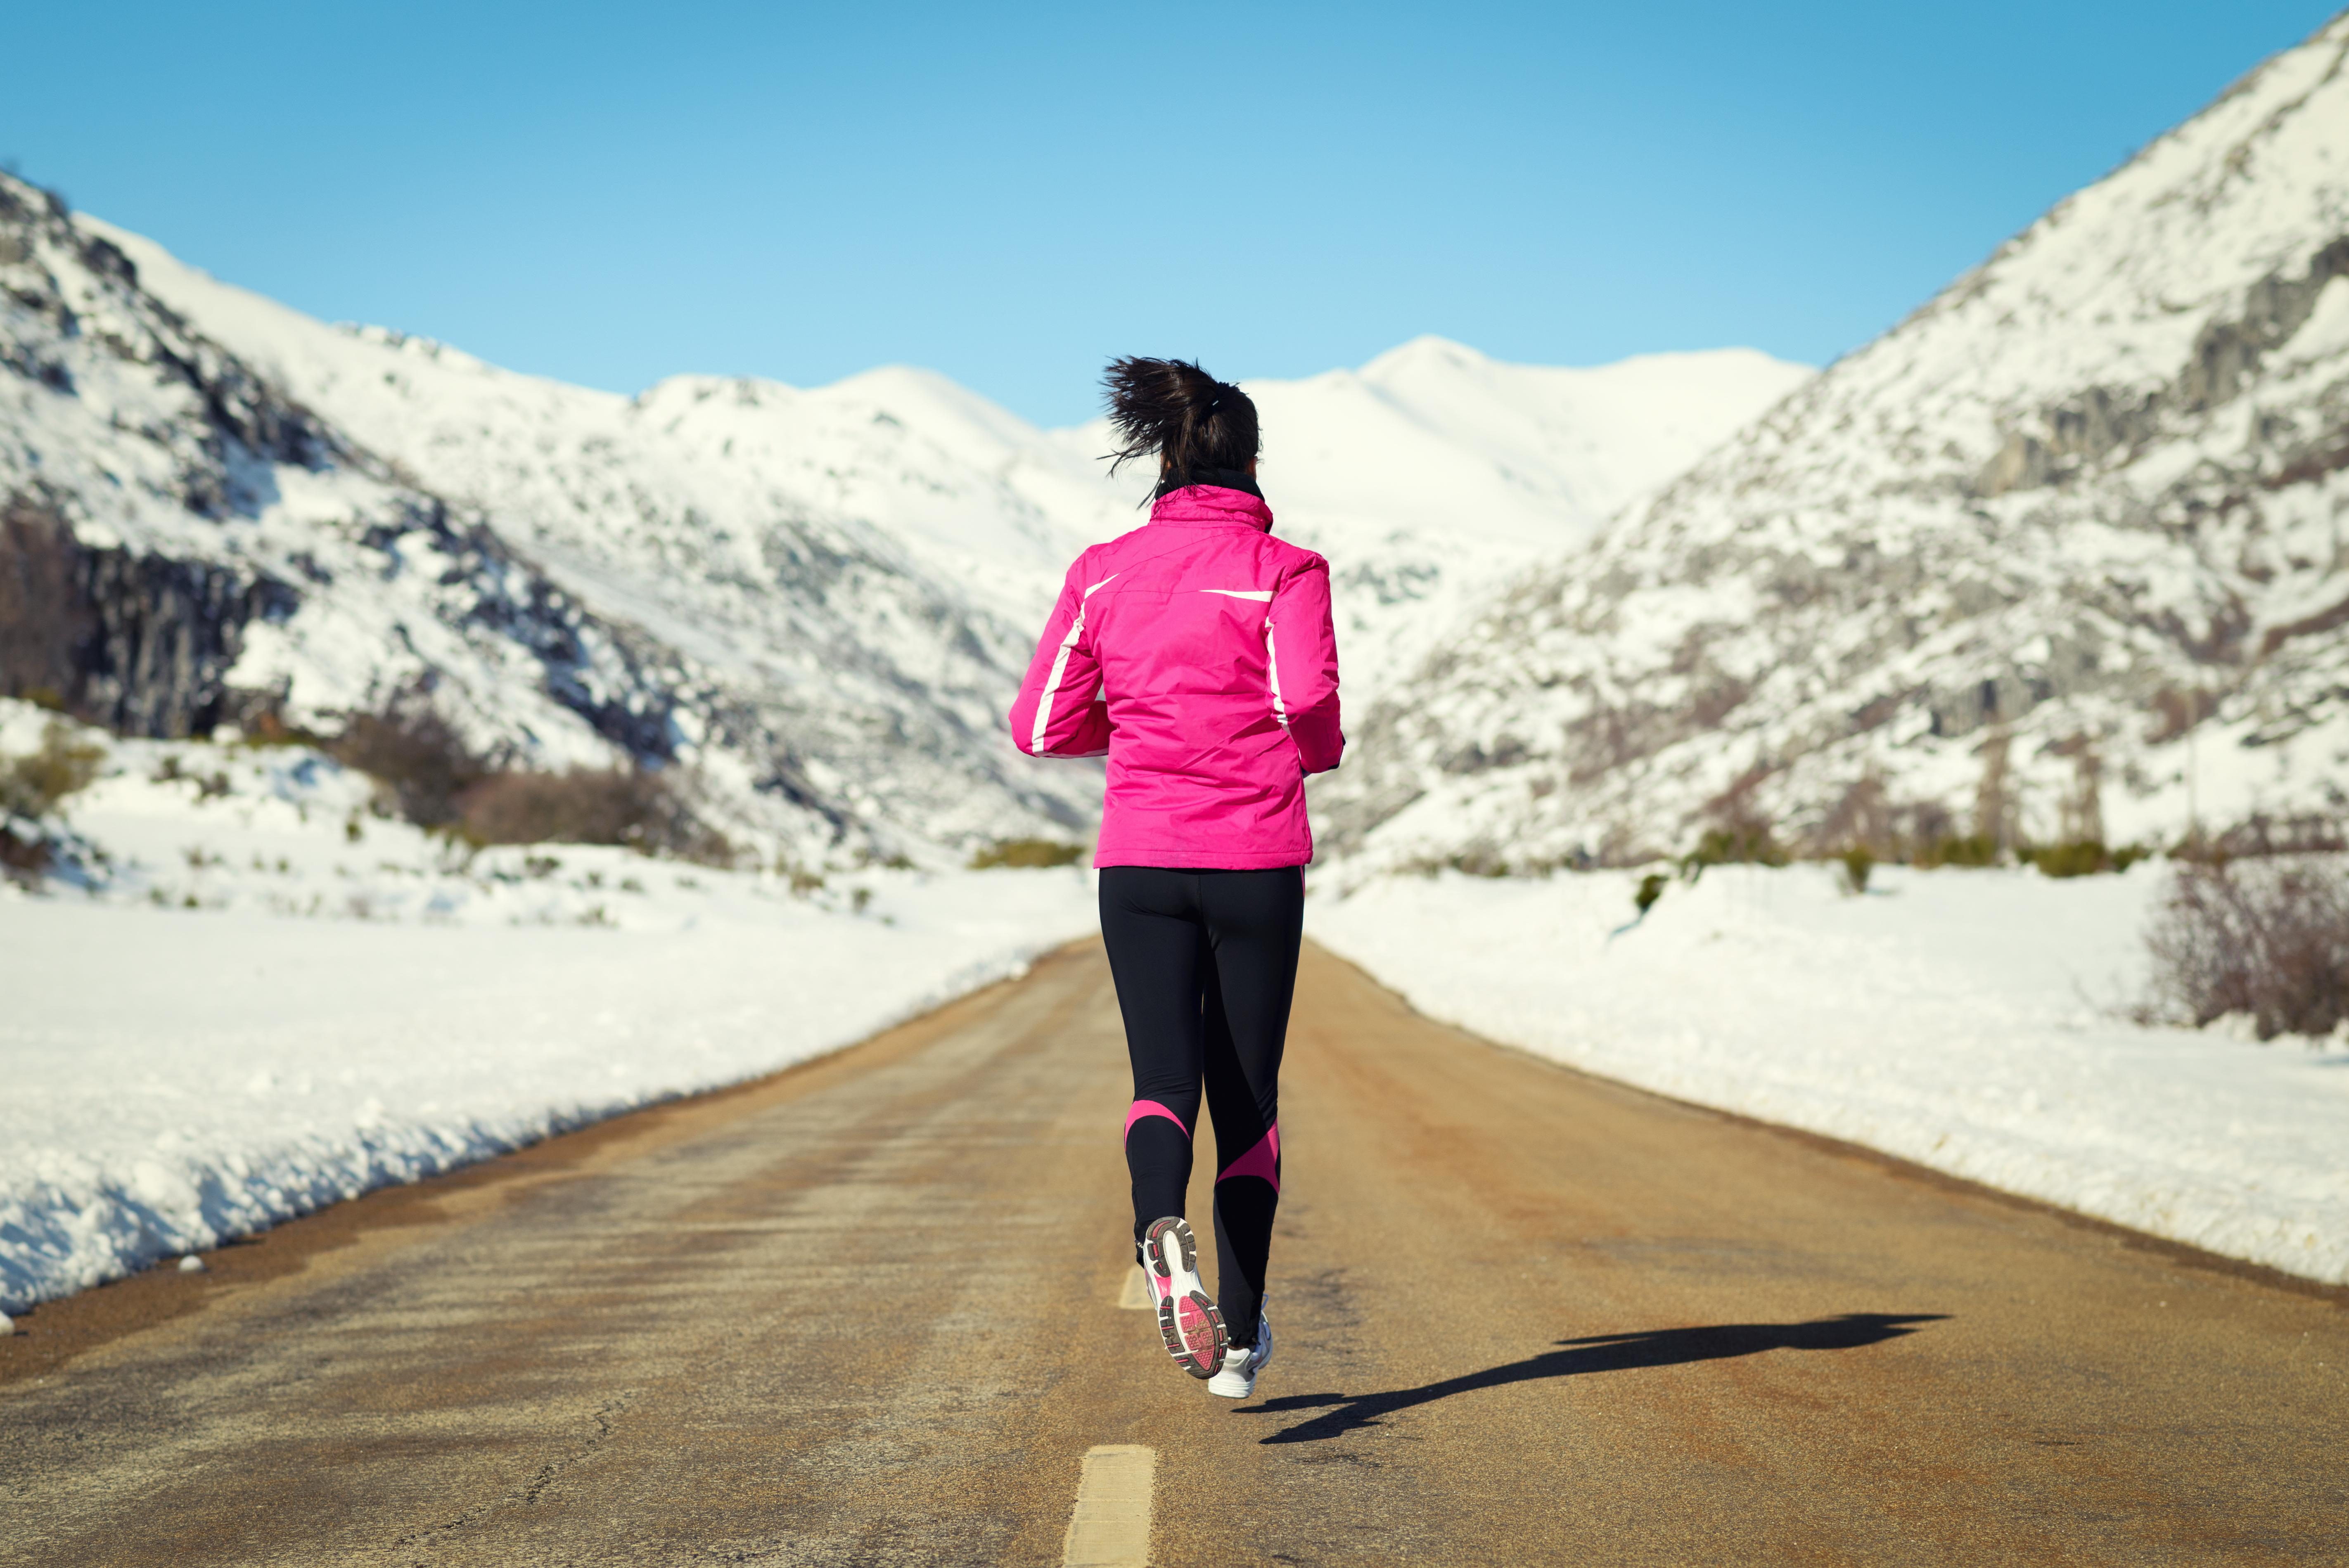 För att springa lagom mycket räcker det enligt forskarna med några få pass i veckan. Målet ska vara att bli andfådd, men inte för mycket.